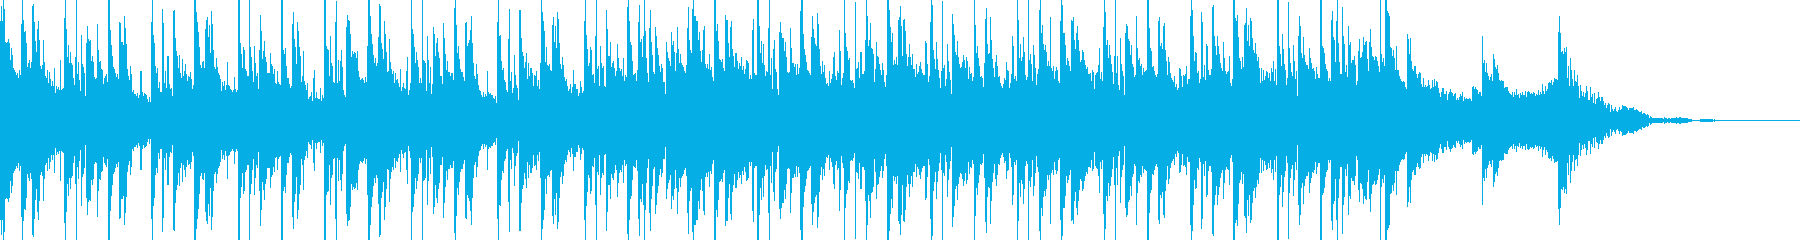 ホラーな感じのBGMの再生済みの波形